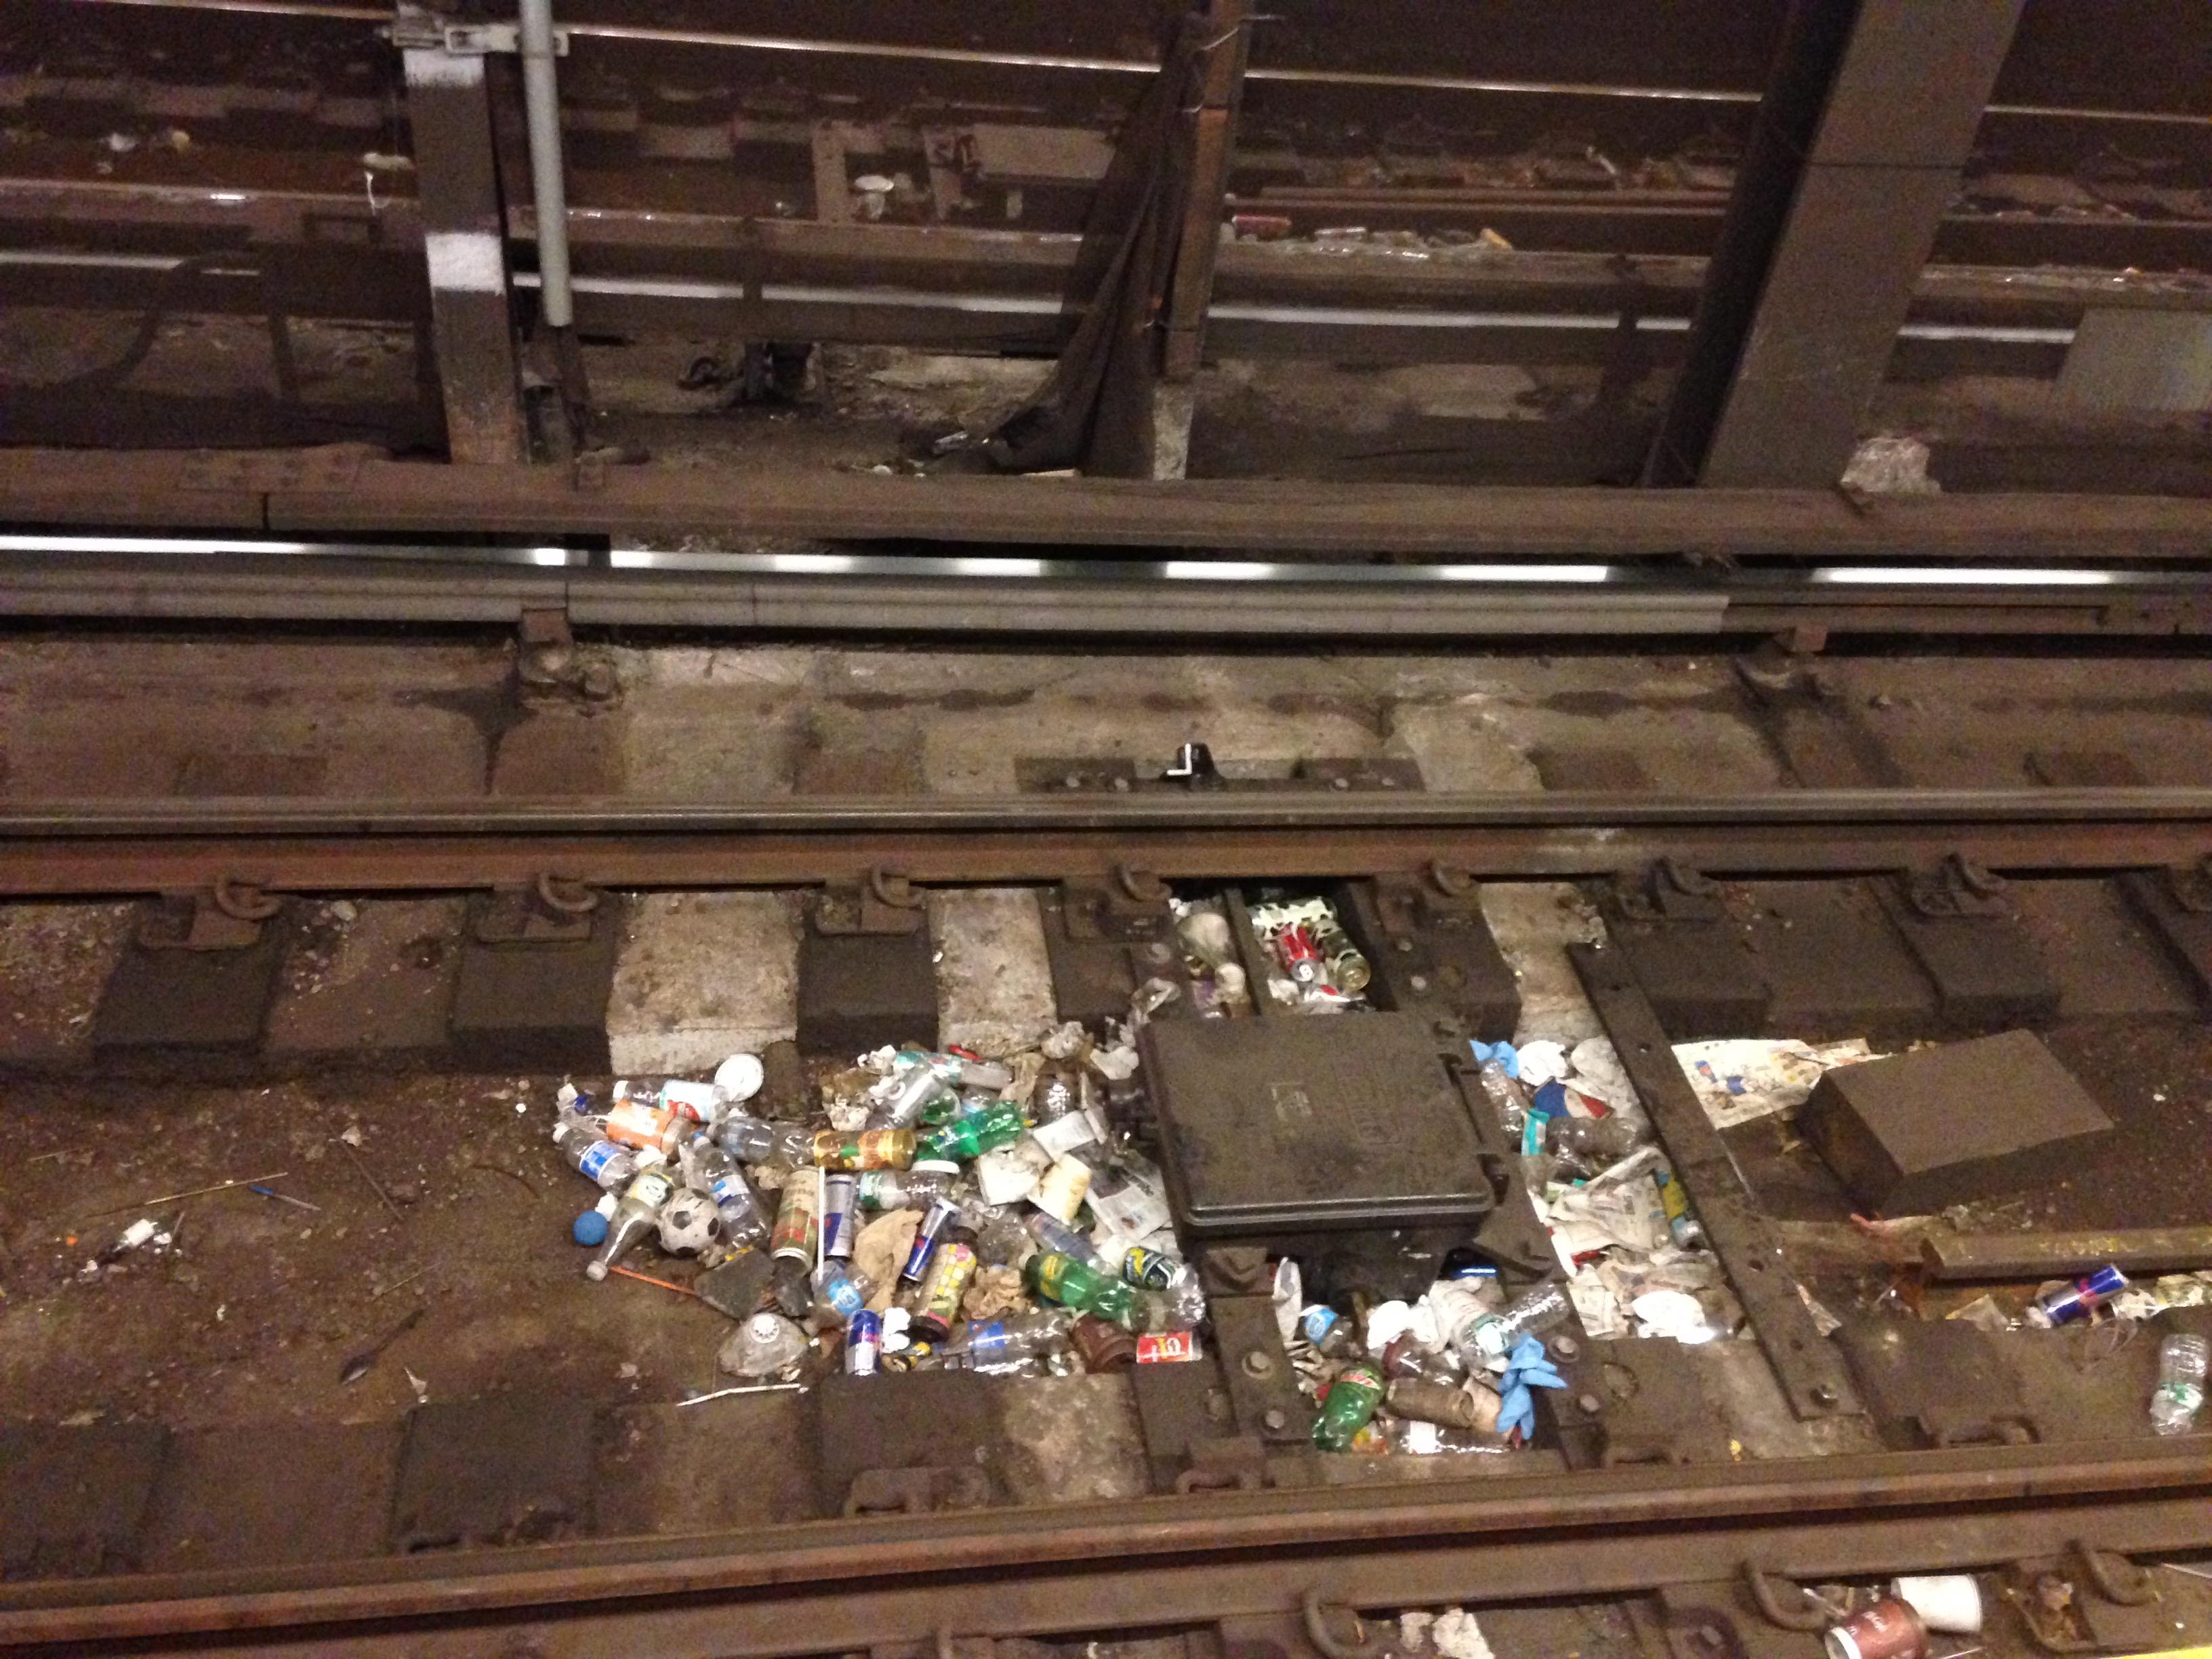 Basura en las vías de un tren de la ciudad de Nueva York, foto de Chloe Cecil